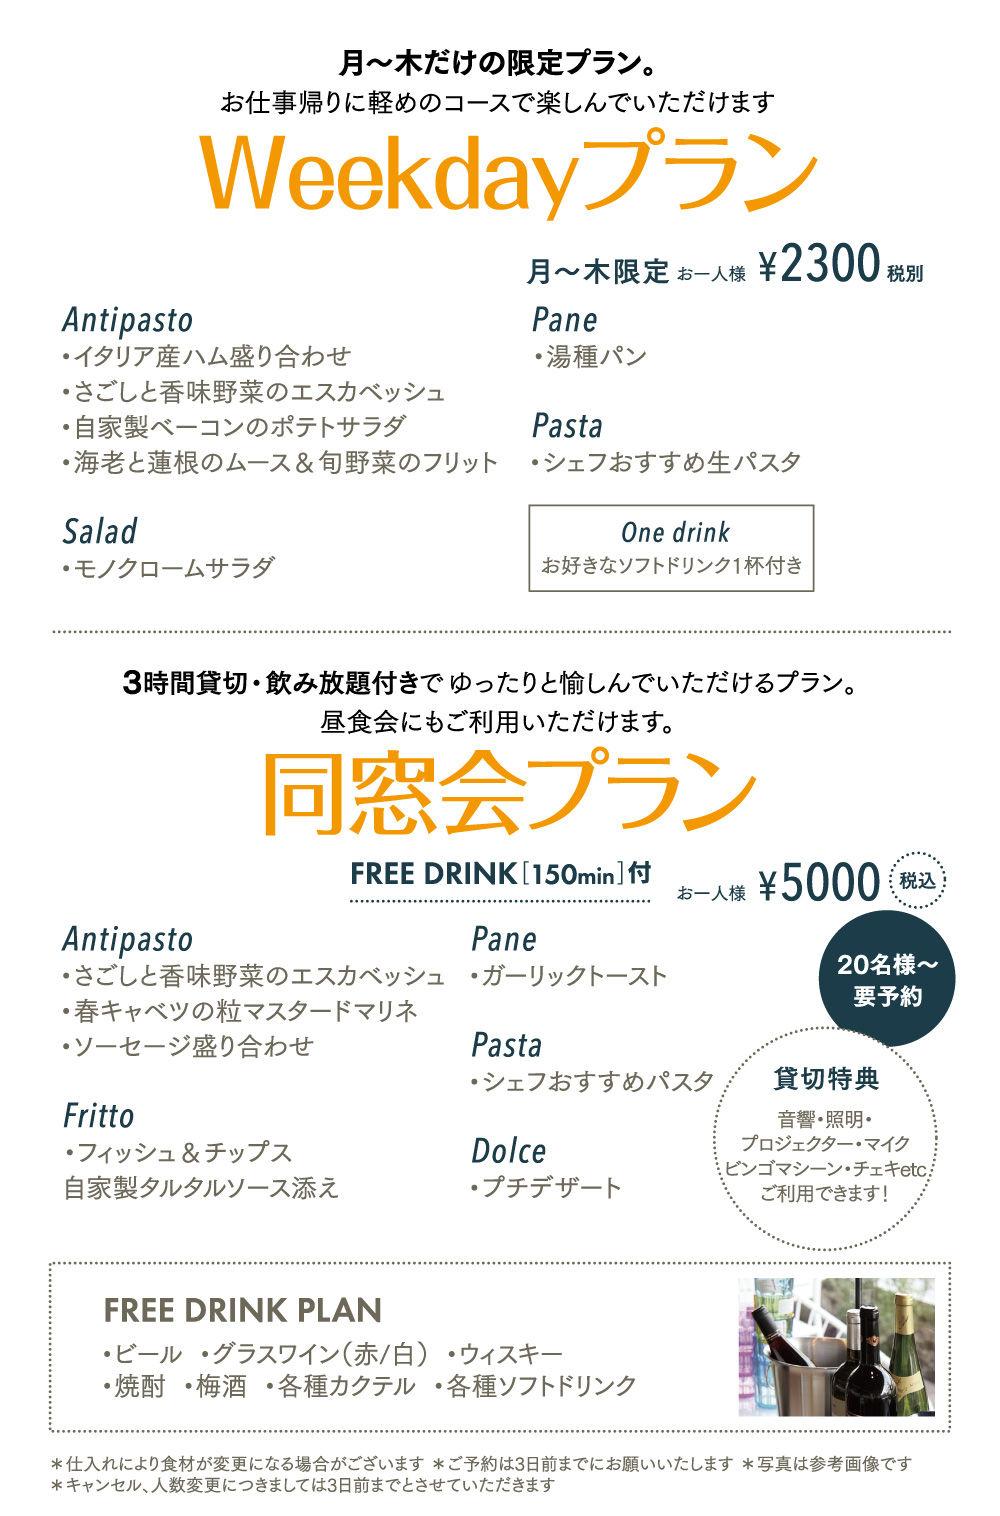 mono_1902_fio-dosokai_2.jpg